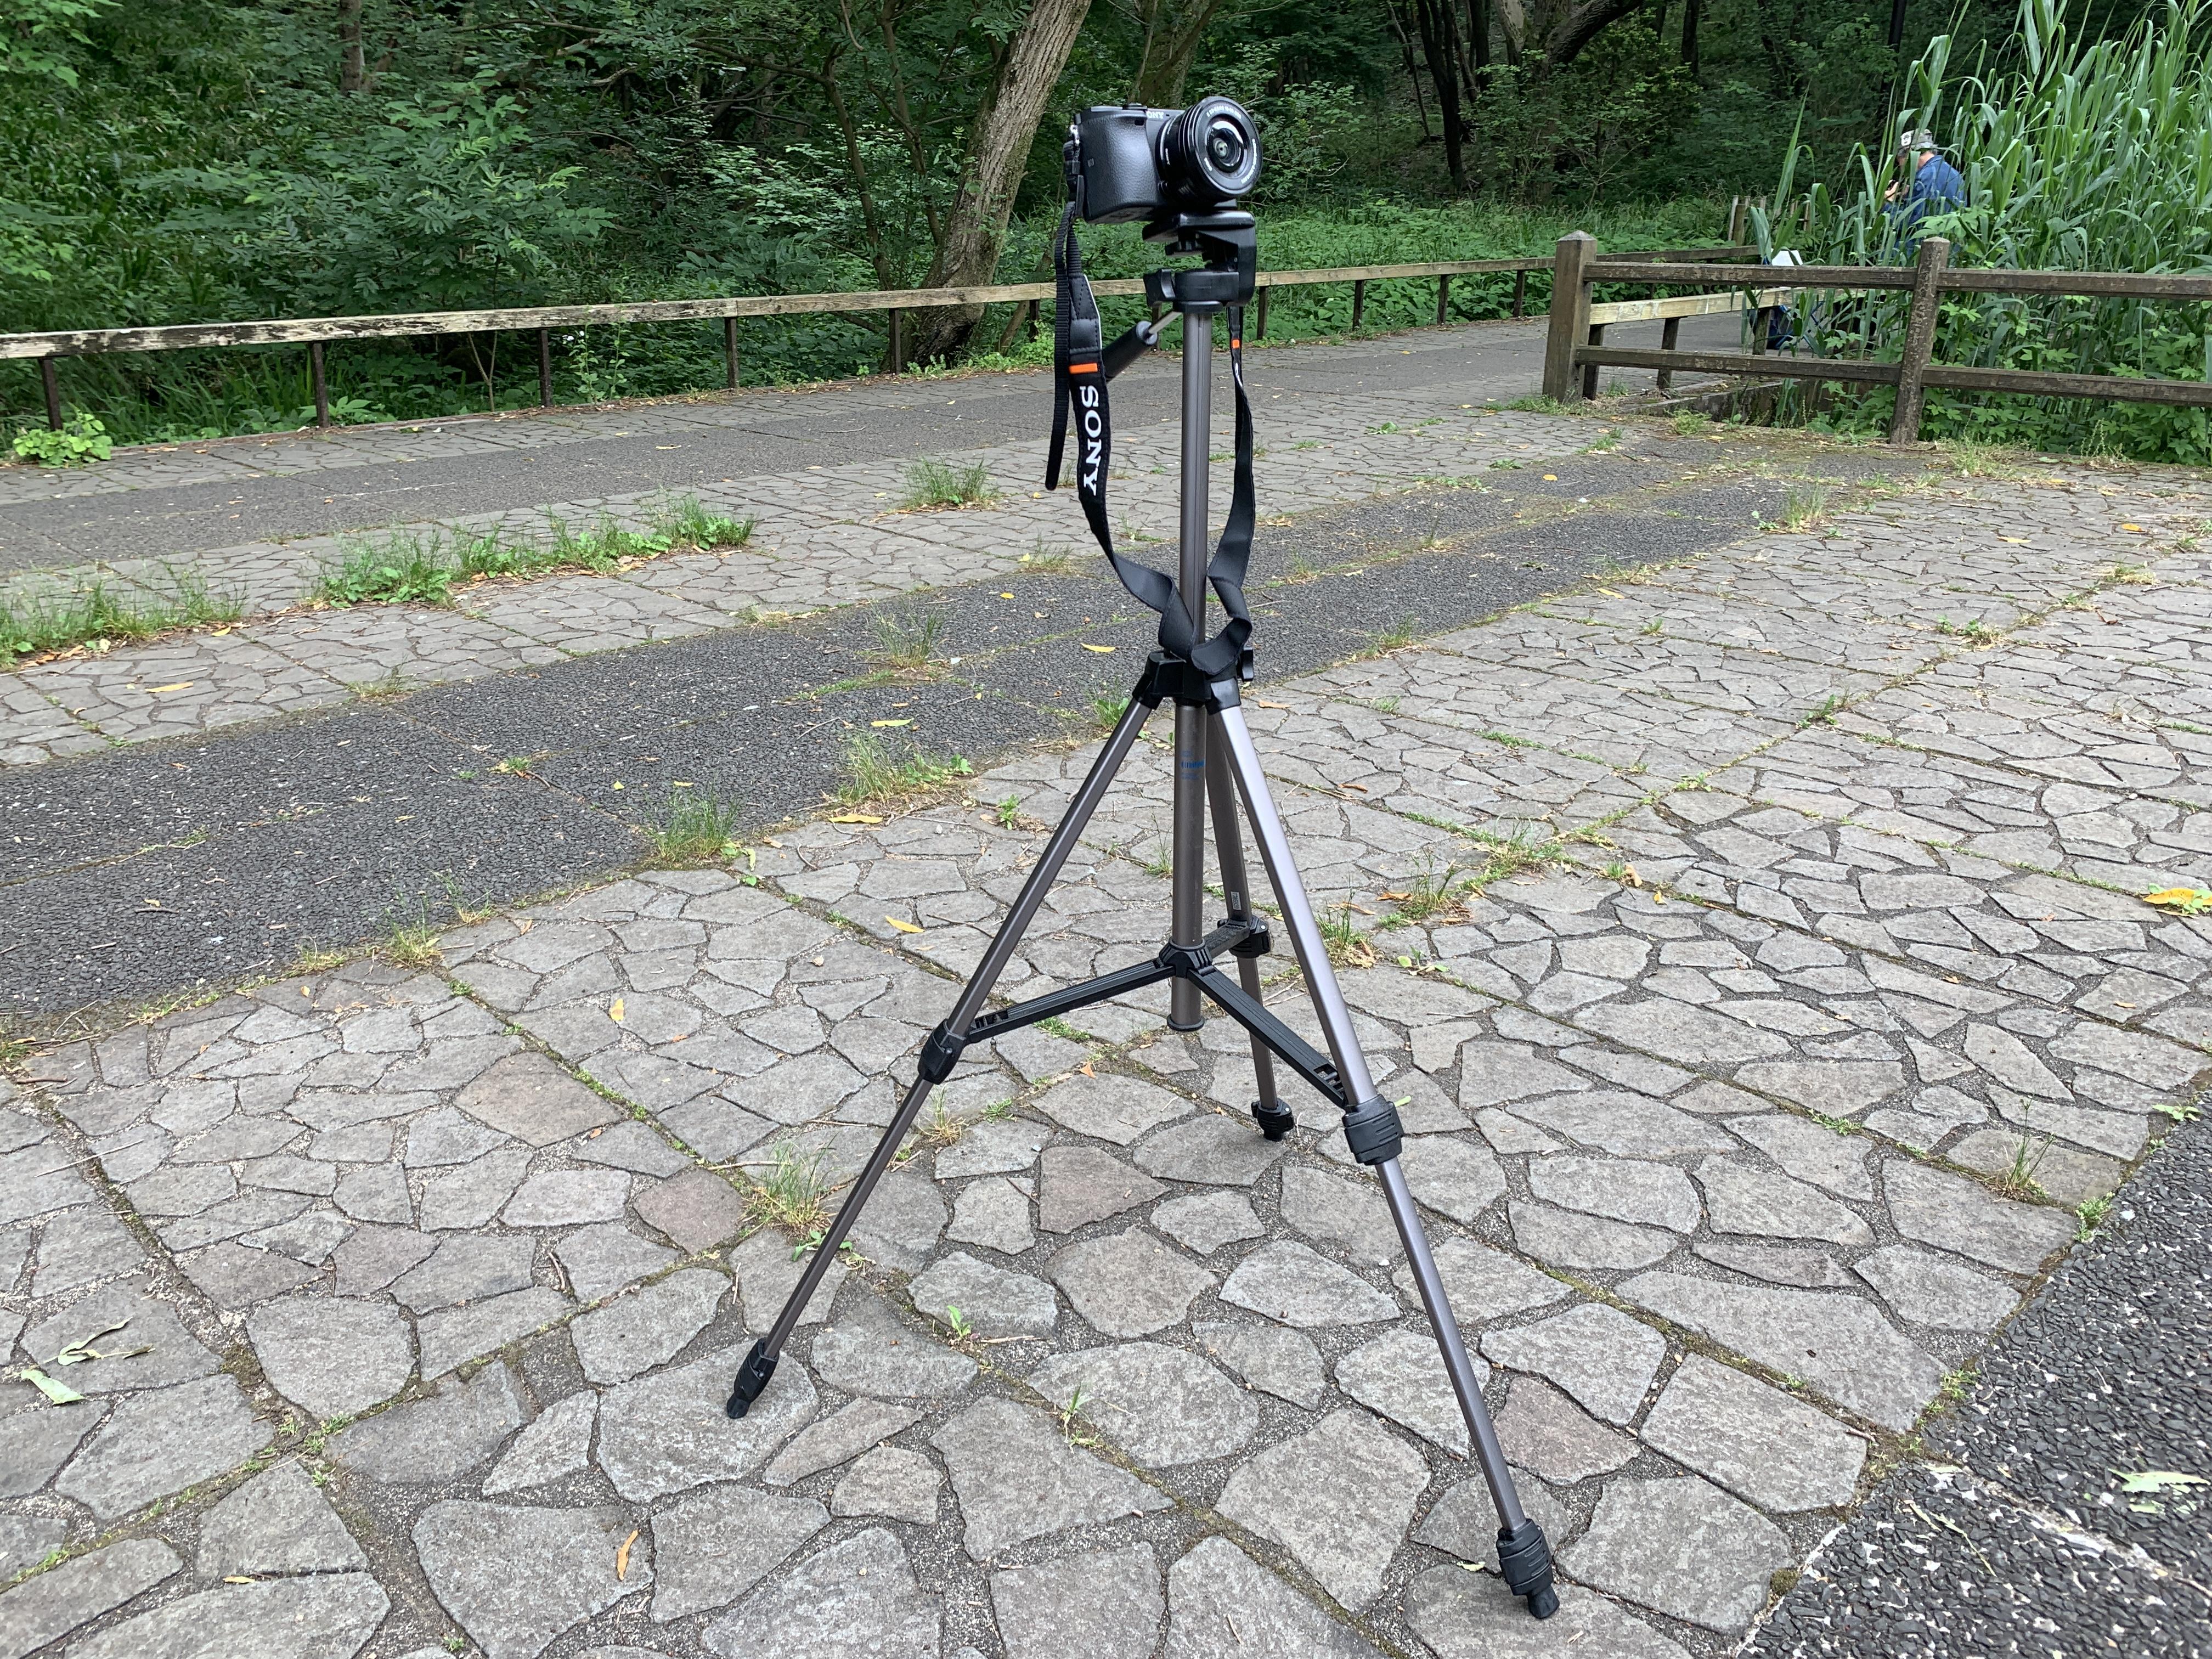 【Vlog】KITレンズで無双する海外映像師がヤバい